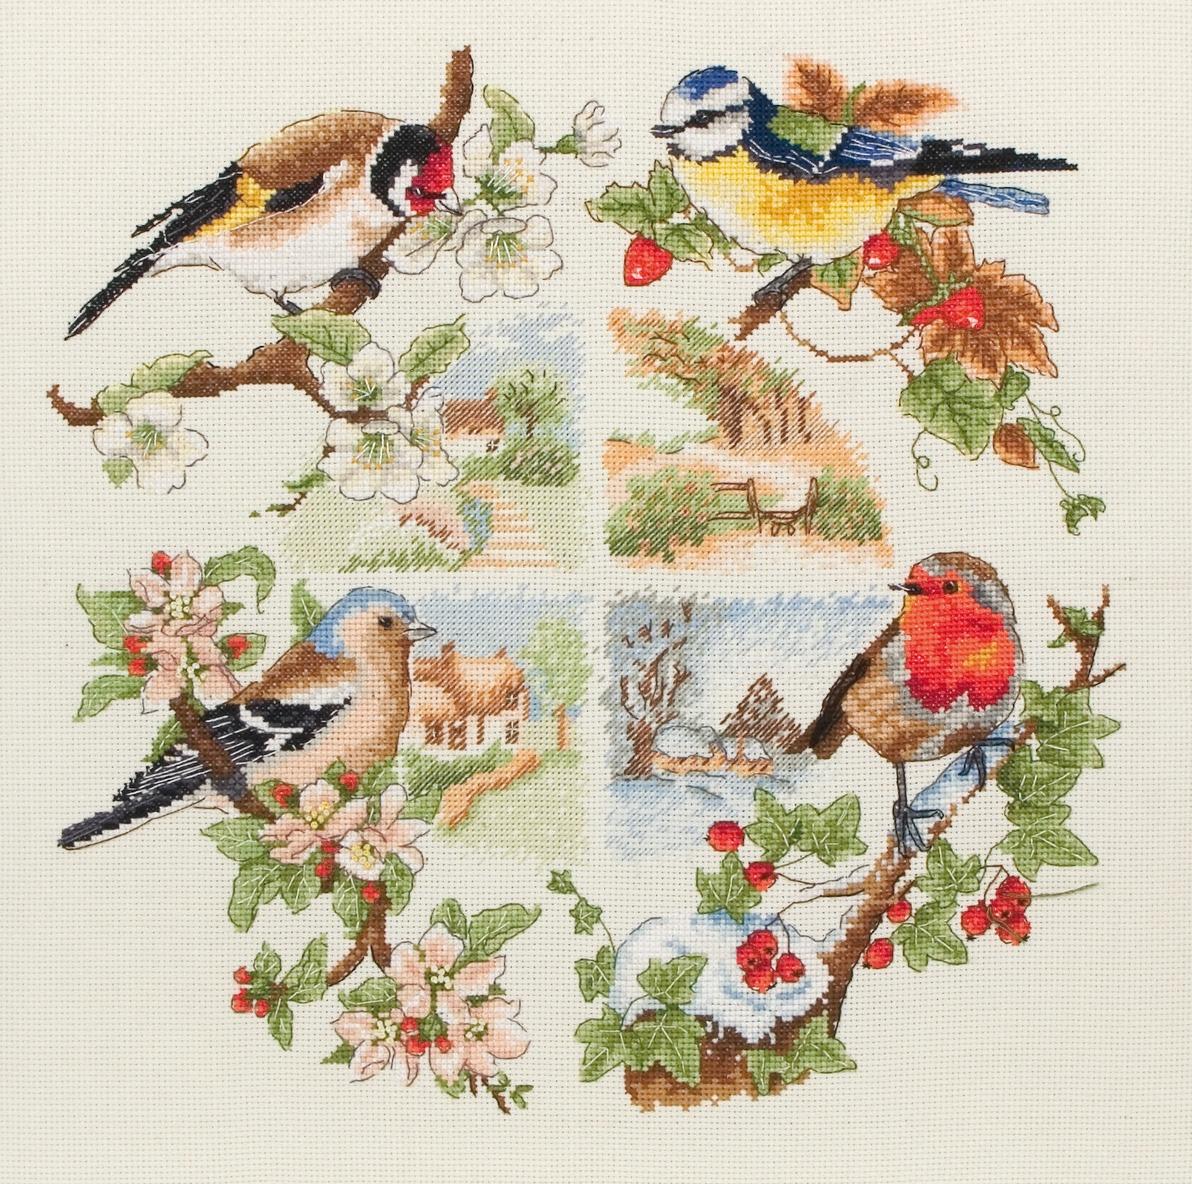 Набор для вышивания Anchor Birds And Seasons /Птицы и времена года/ 30*30см (состав: канва Aida 16, цветная схема, нитки Anchor, игла, инструкция), счетный крестPCE880Набор для вышивания Anchor Birds And Seasons /Птицы и времена года/ 30*30см (состав: канва Aida 16, цветная схема, нитки Anchor, игла, инструкция), счетный крест